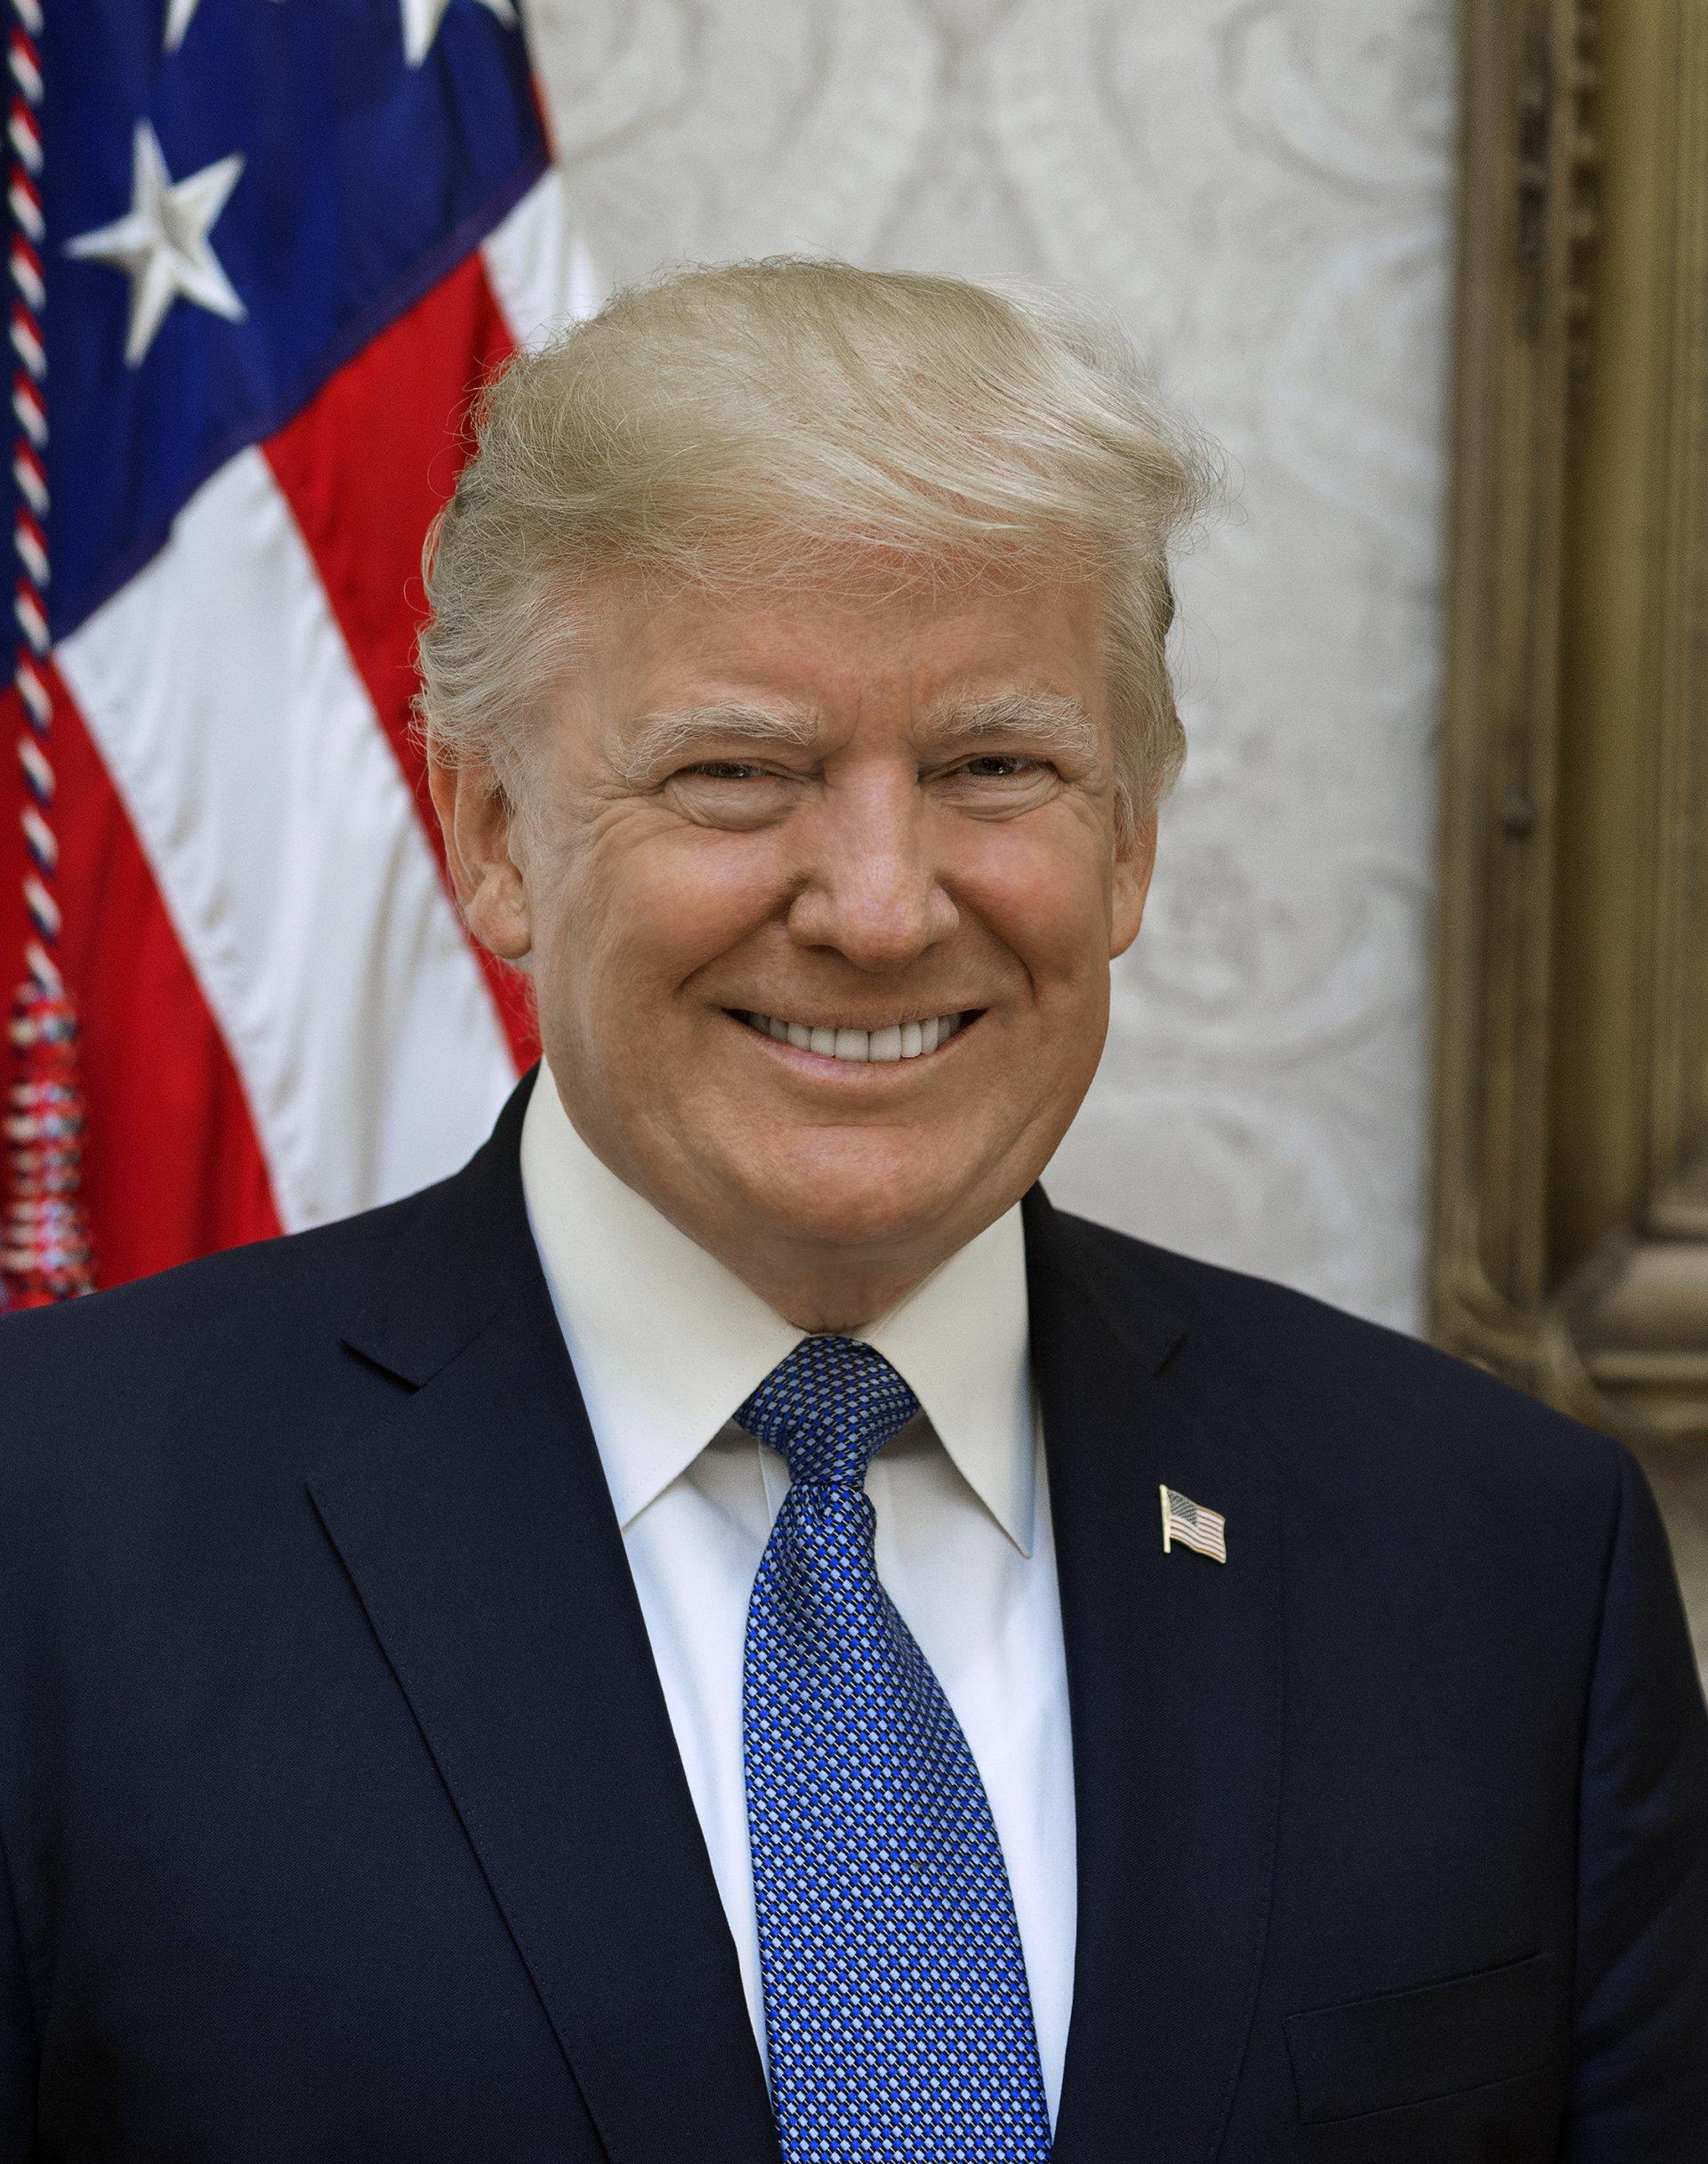 АНУ-ын ерөнхийлөгч Д.Трамп Ойрх дорнодод энх тайван тогтоох төлөвлөгөөгөө танилцууллаа